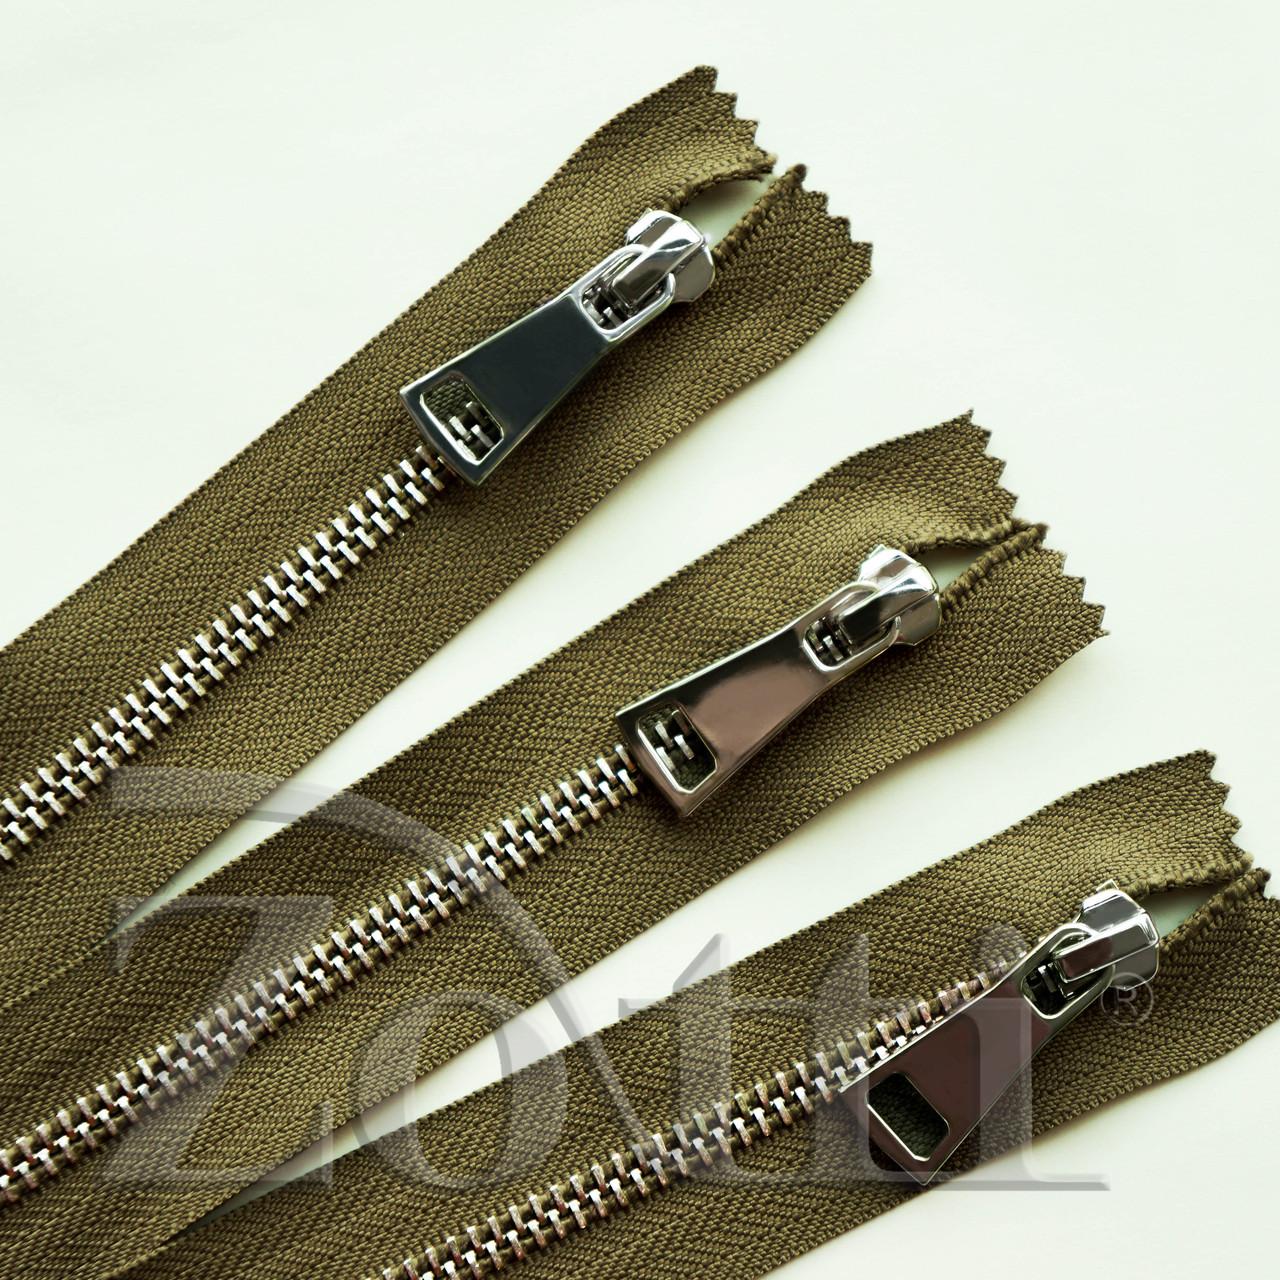 Молния (змейка,застежка) металлическая №5, размерная, обувная, хаки, с серебряным бегунком № 115 - 30 см